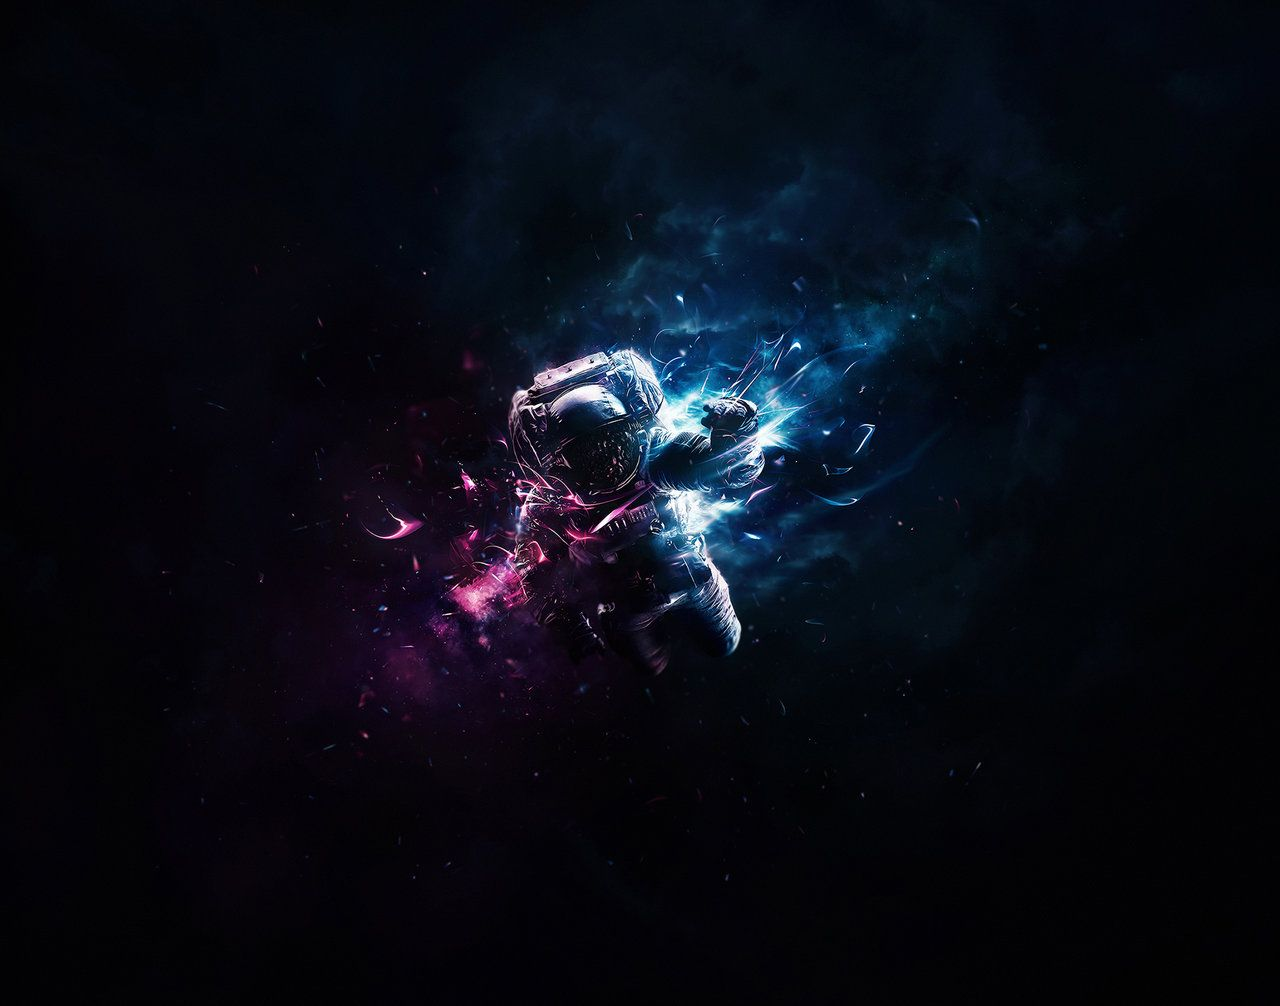 Astronaut by Kevin-Roodhorst.deviantart.com on @deviantART ...